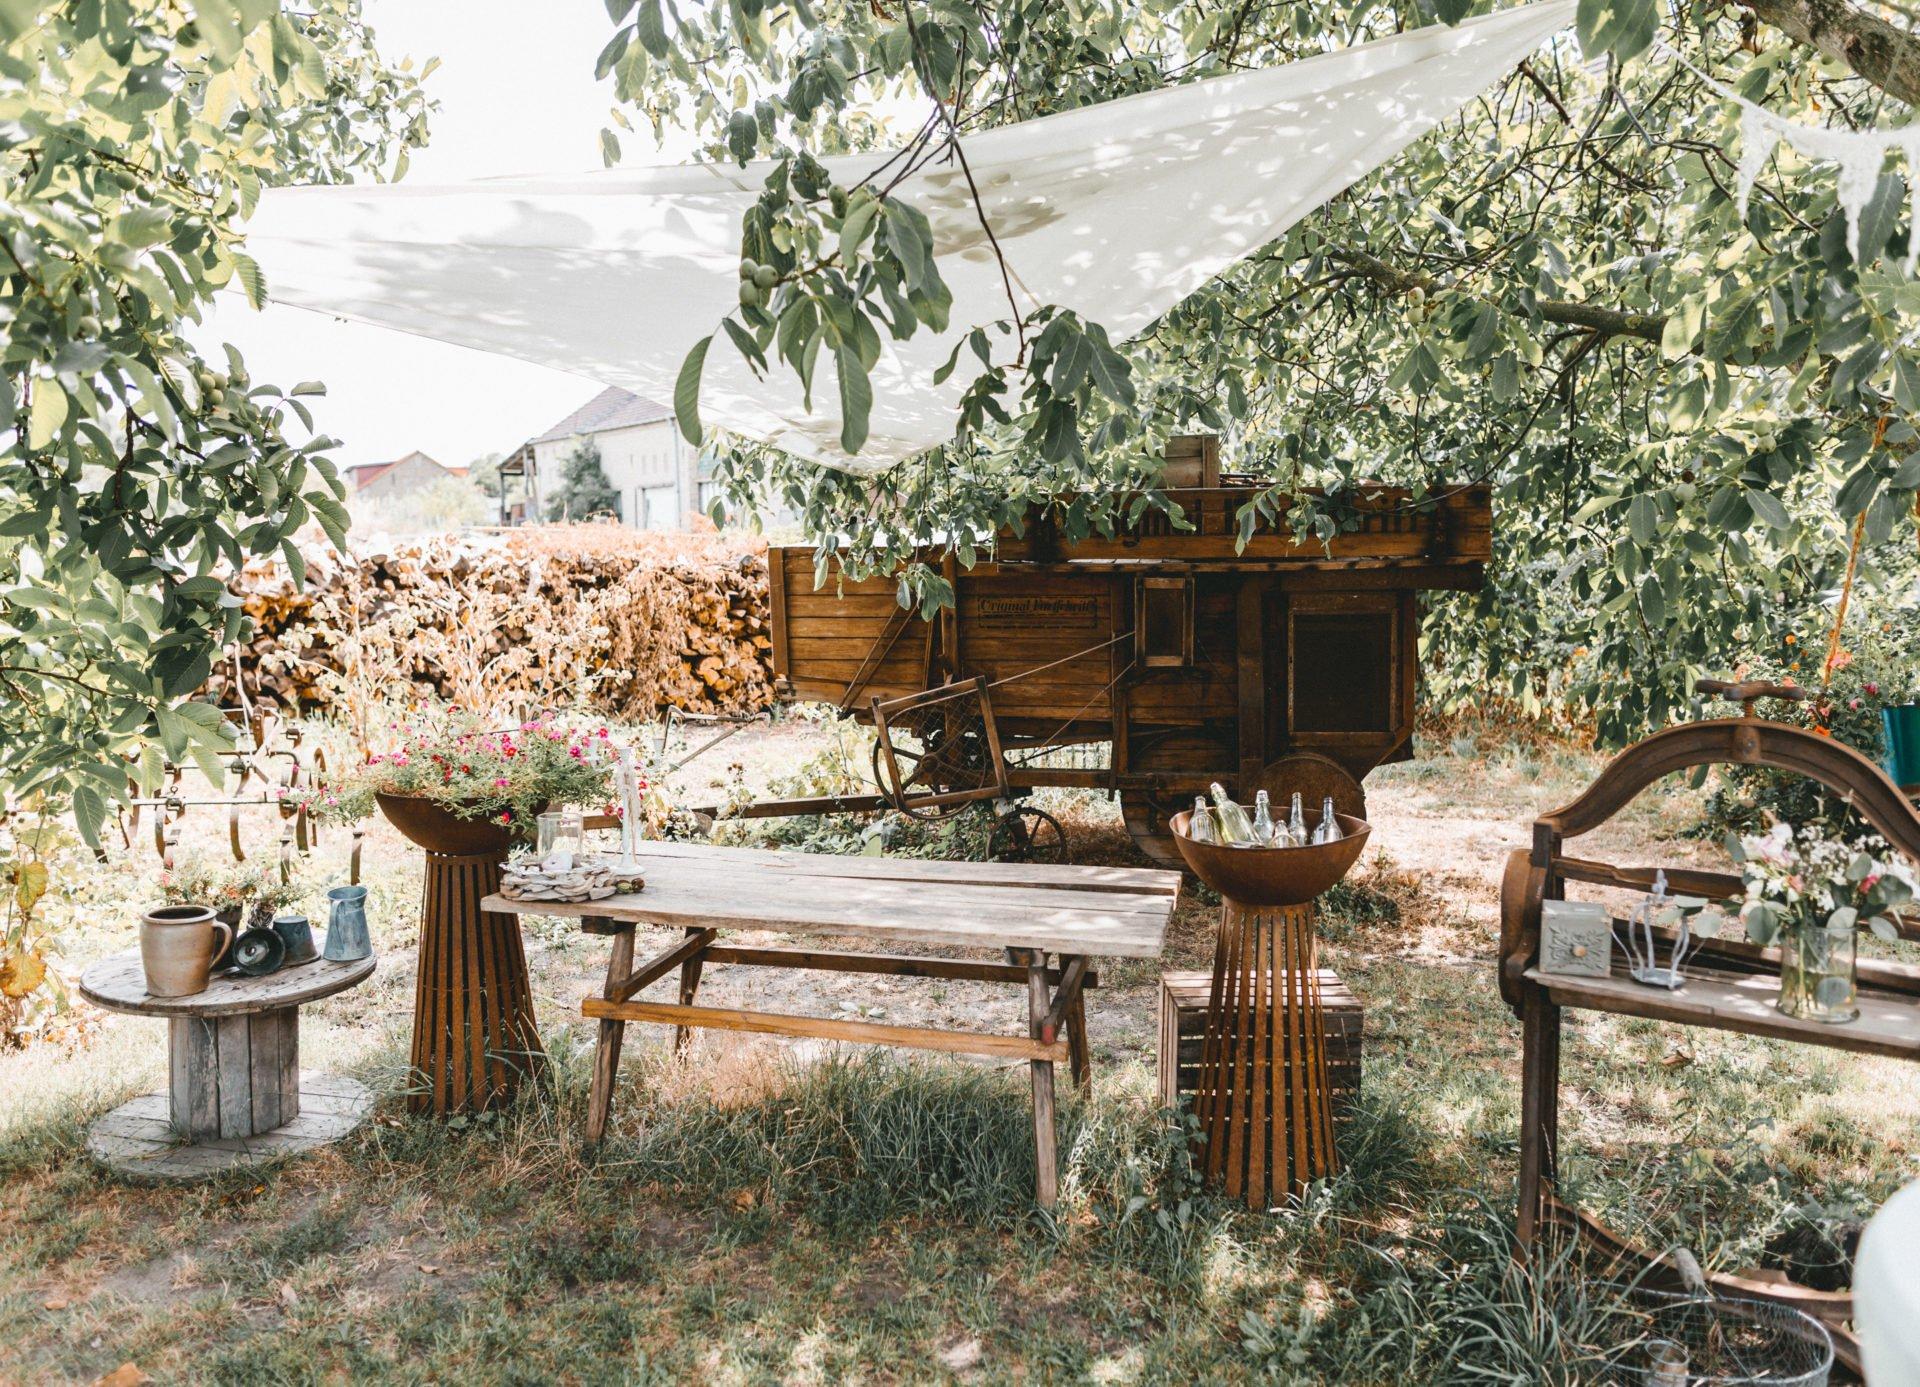 50mmfreunde Berlin Hochzeit 027 1920x1387 - Sommerhochzeit in dem Vierseithofcafé im Berliner Umland